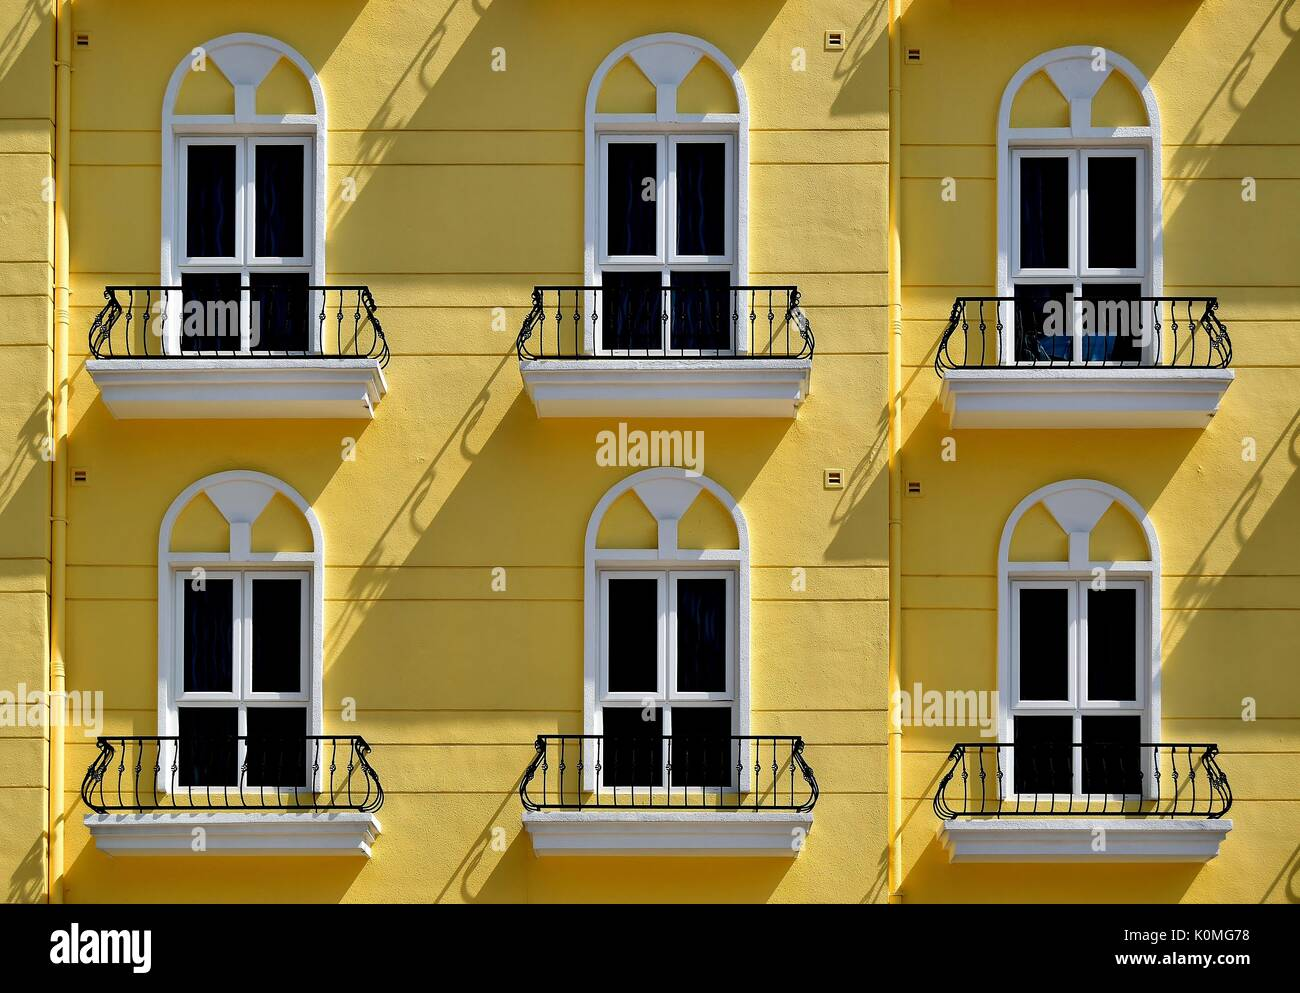 Fabulous Gelbe Fassade einer Wohnanlage mit sechs Fenstern und Balkons mit ST56